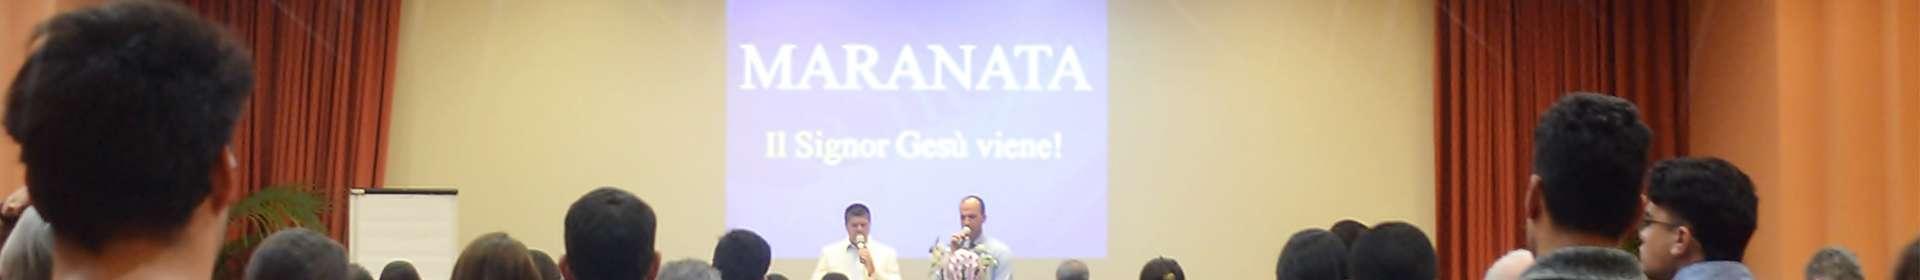 Igreja Cristã Maranata realiza seminário em Milão, Itália